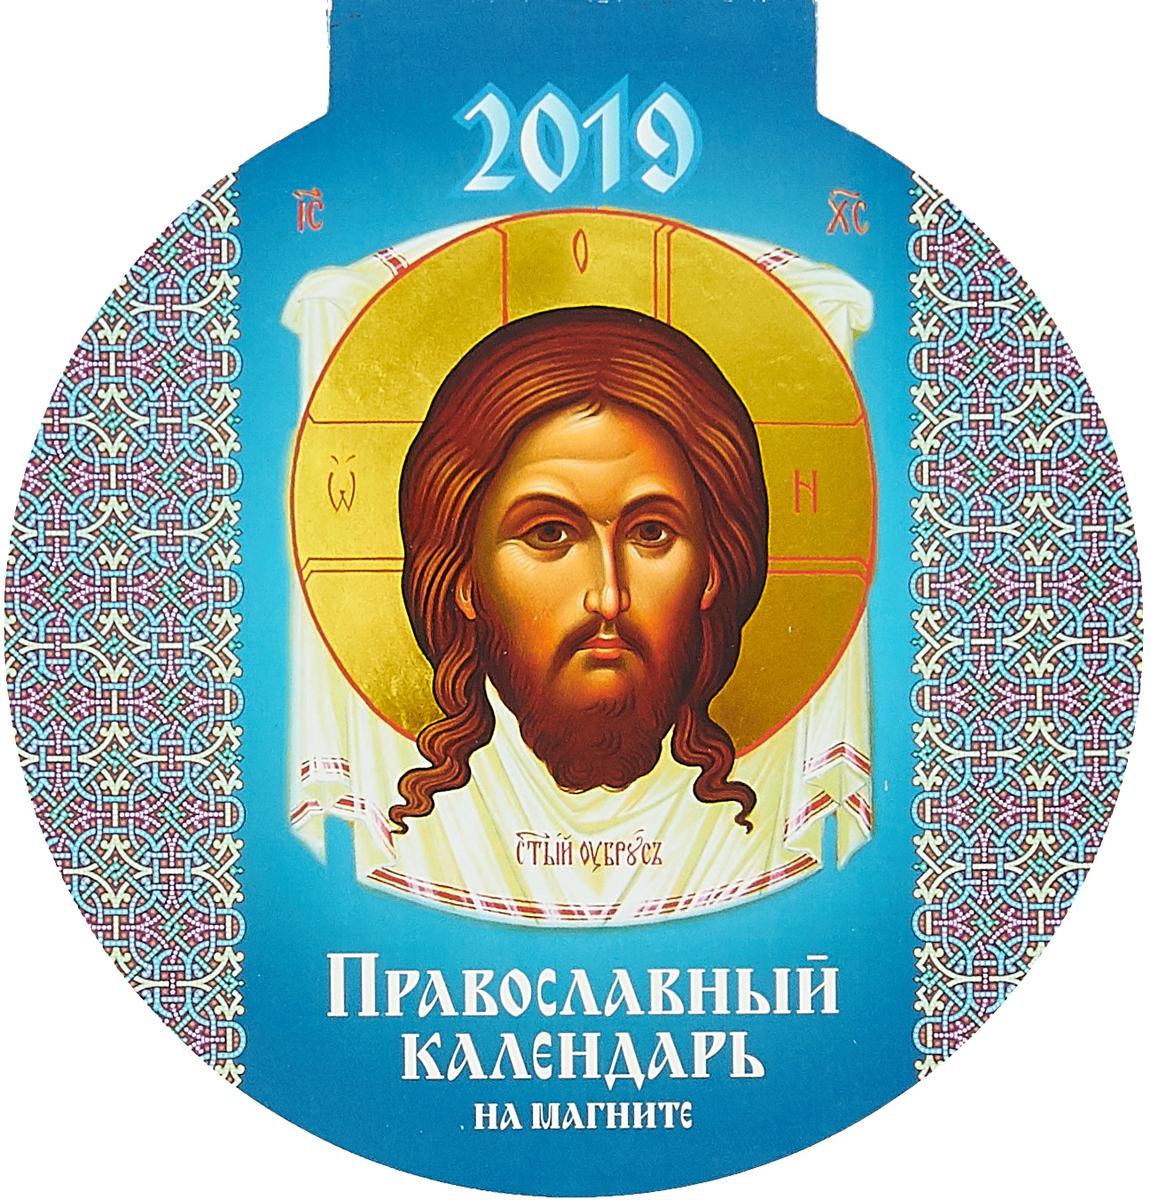 Сделать открытку к празднику православного календаря 5 класс, марта